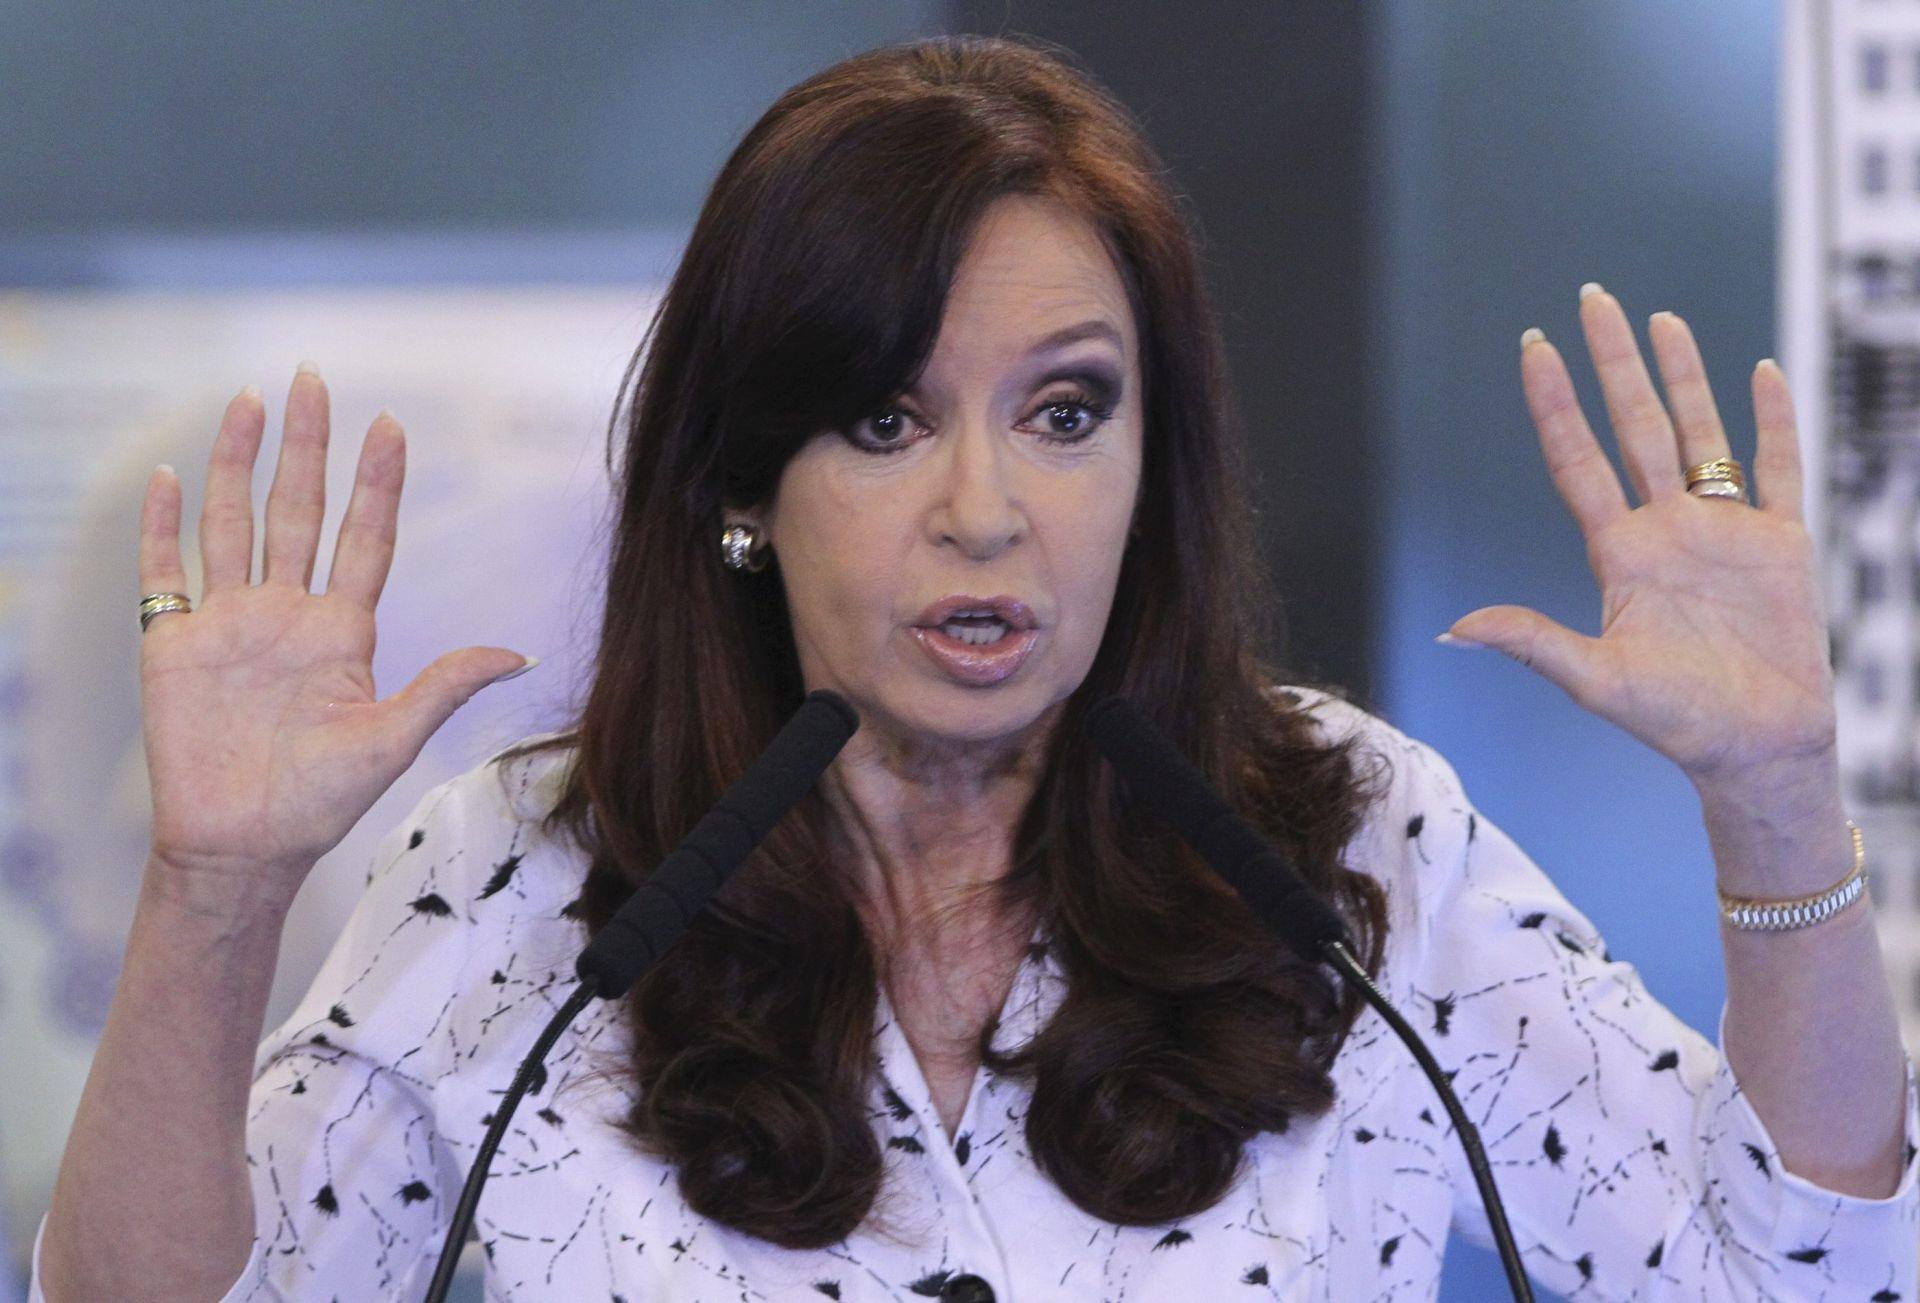 PRANJE NOVCA: Podignuta optužnica protiv bivše argentinske predsjednice